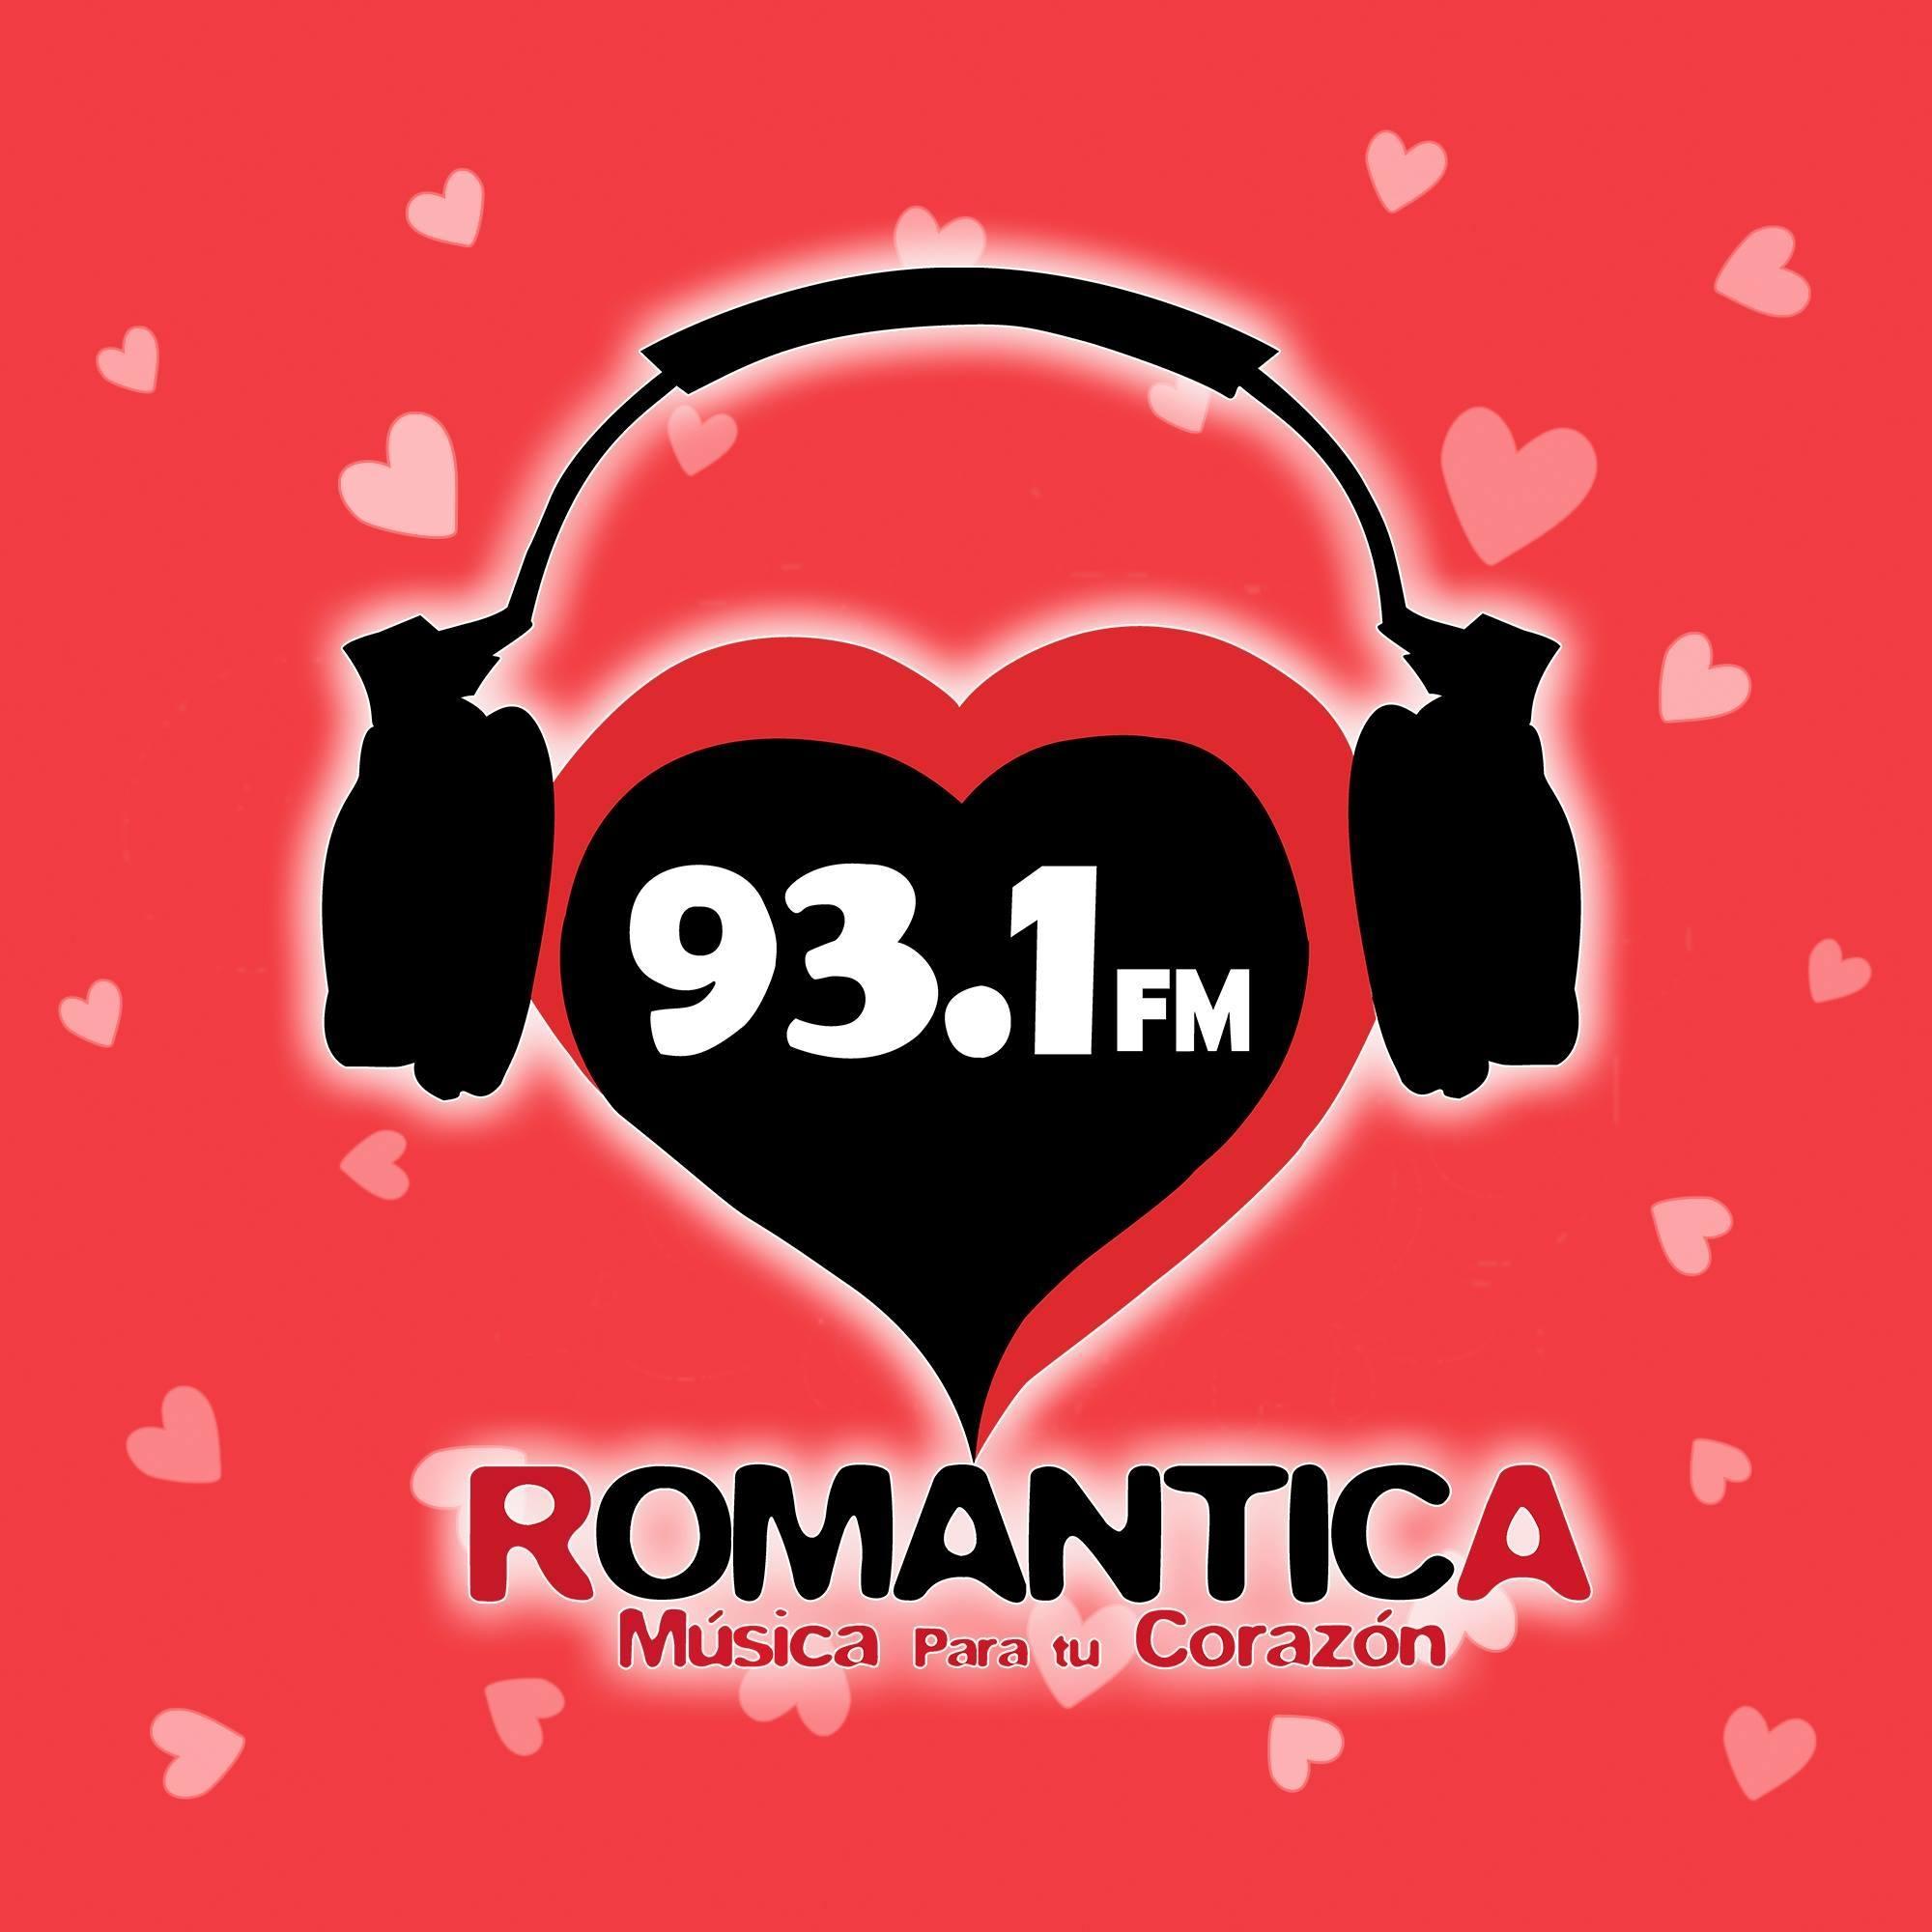 Romántica 93.1